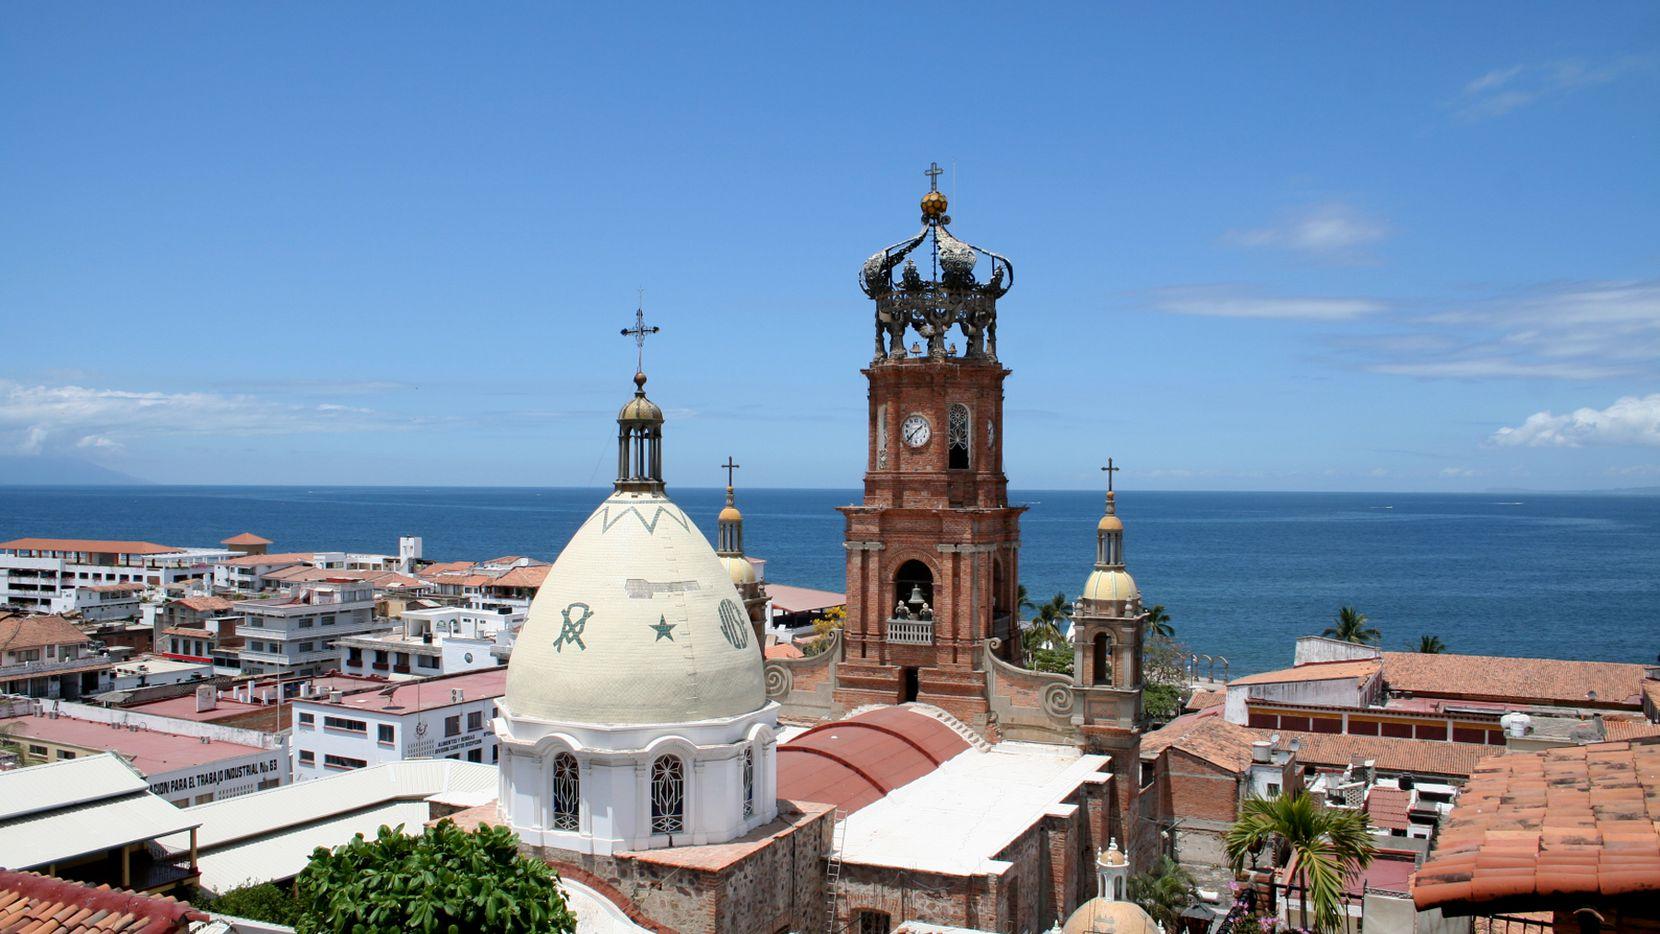 Autoridades investigan el secuestro de hasta 16 personas en un restaurante en Puerto Vallarta. ISOTOCK